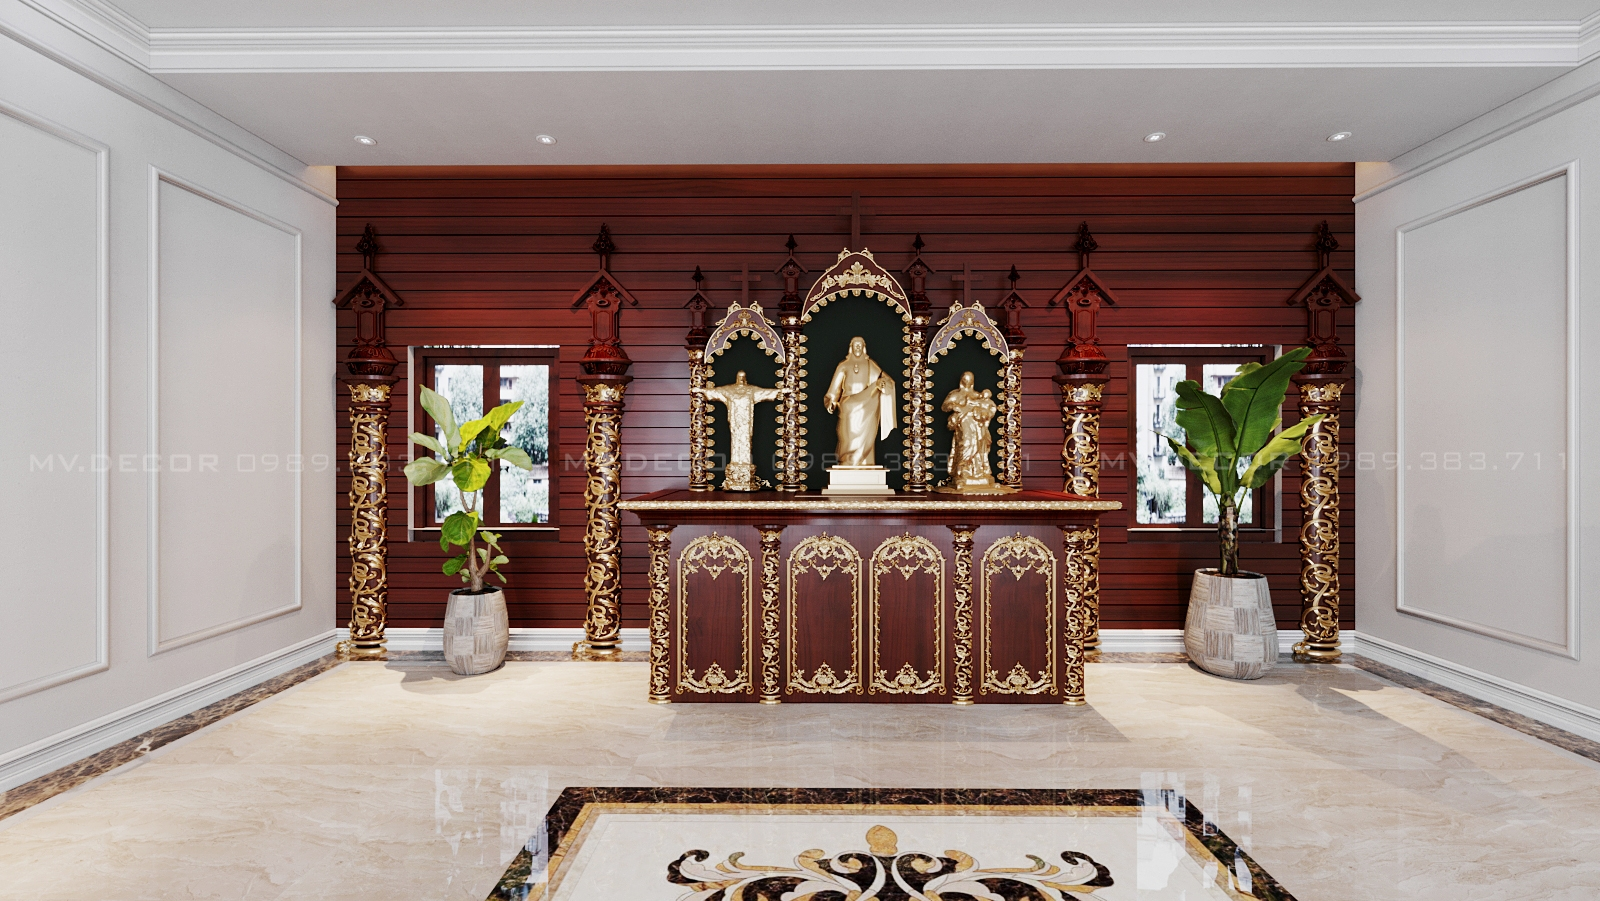 thiết kế Nhà tại Phú Thọ nhà thờ tại việt trì 7 1568276955